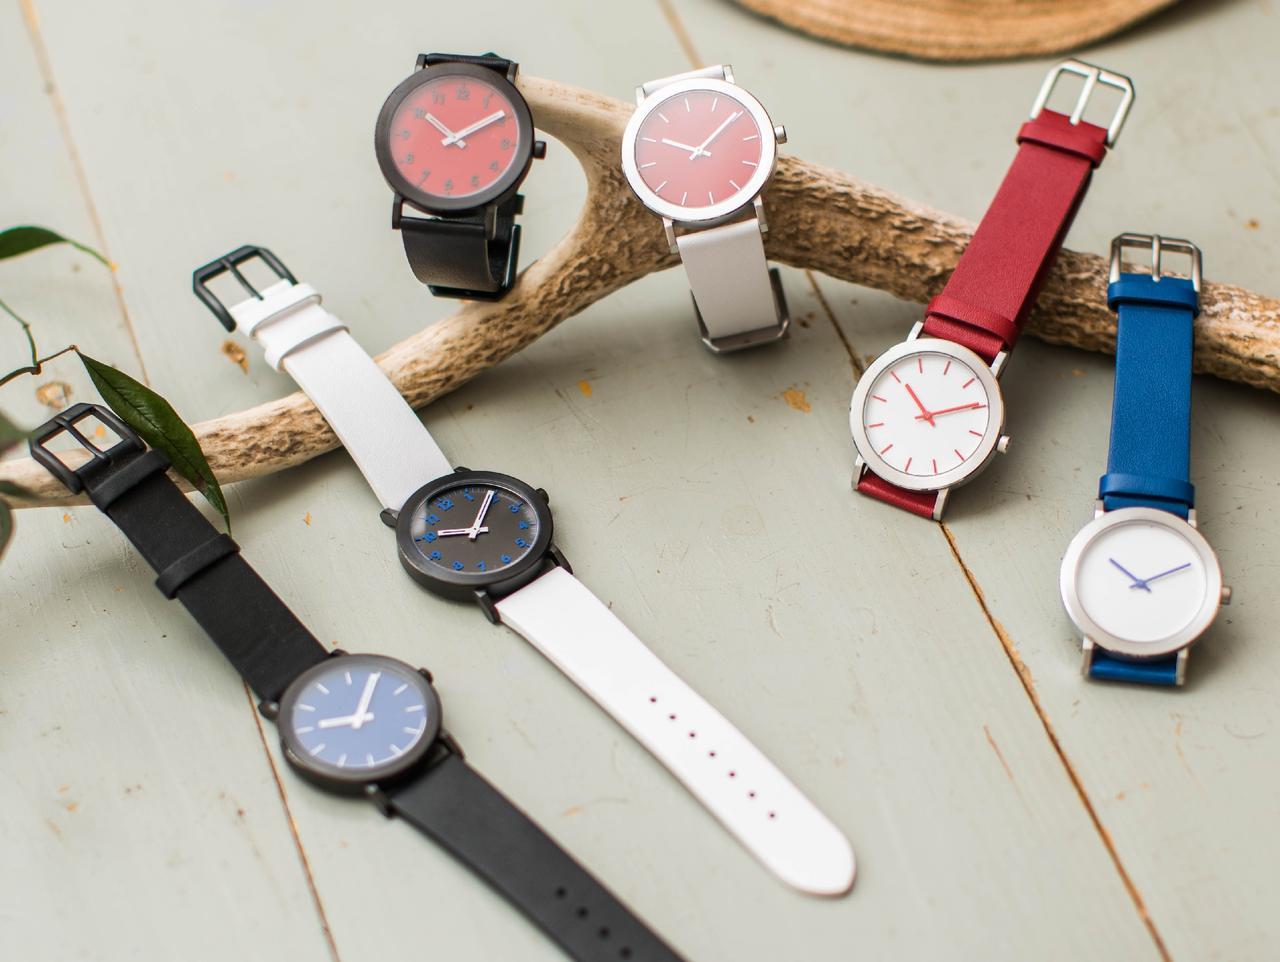 オーダーメイド腕時計SLANTとは